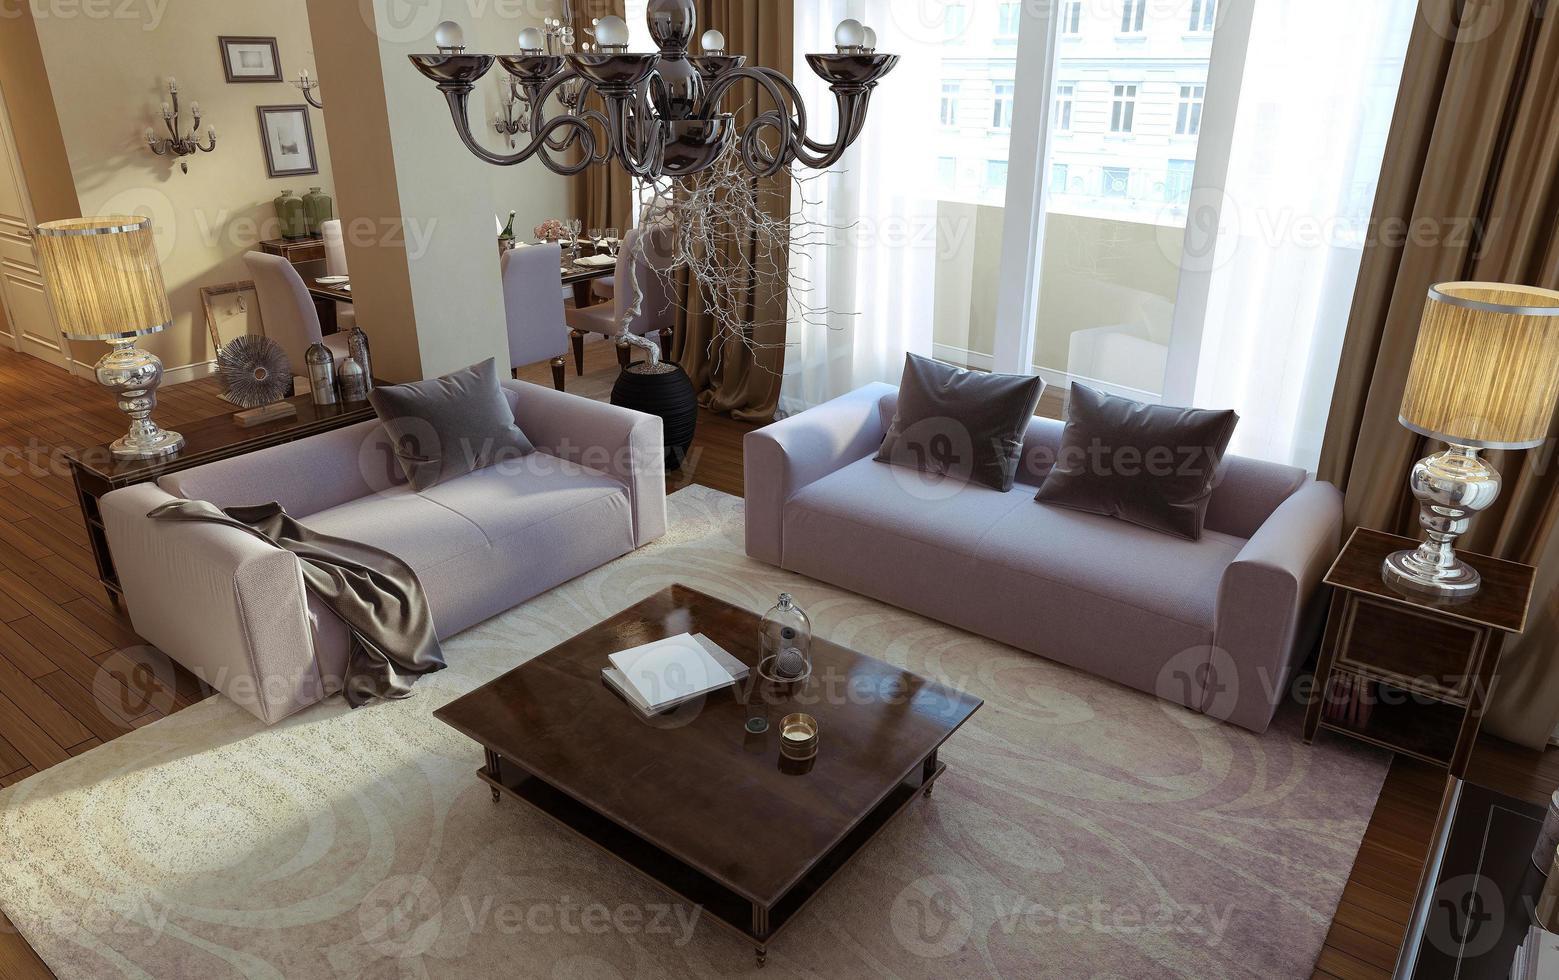 sala de estar art deco y estilo moderno foto